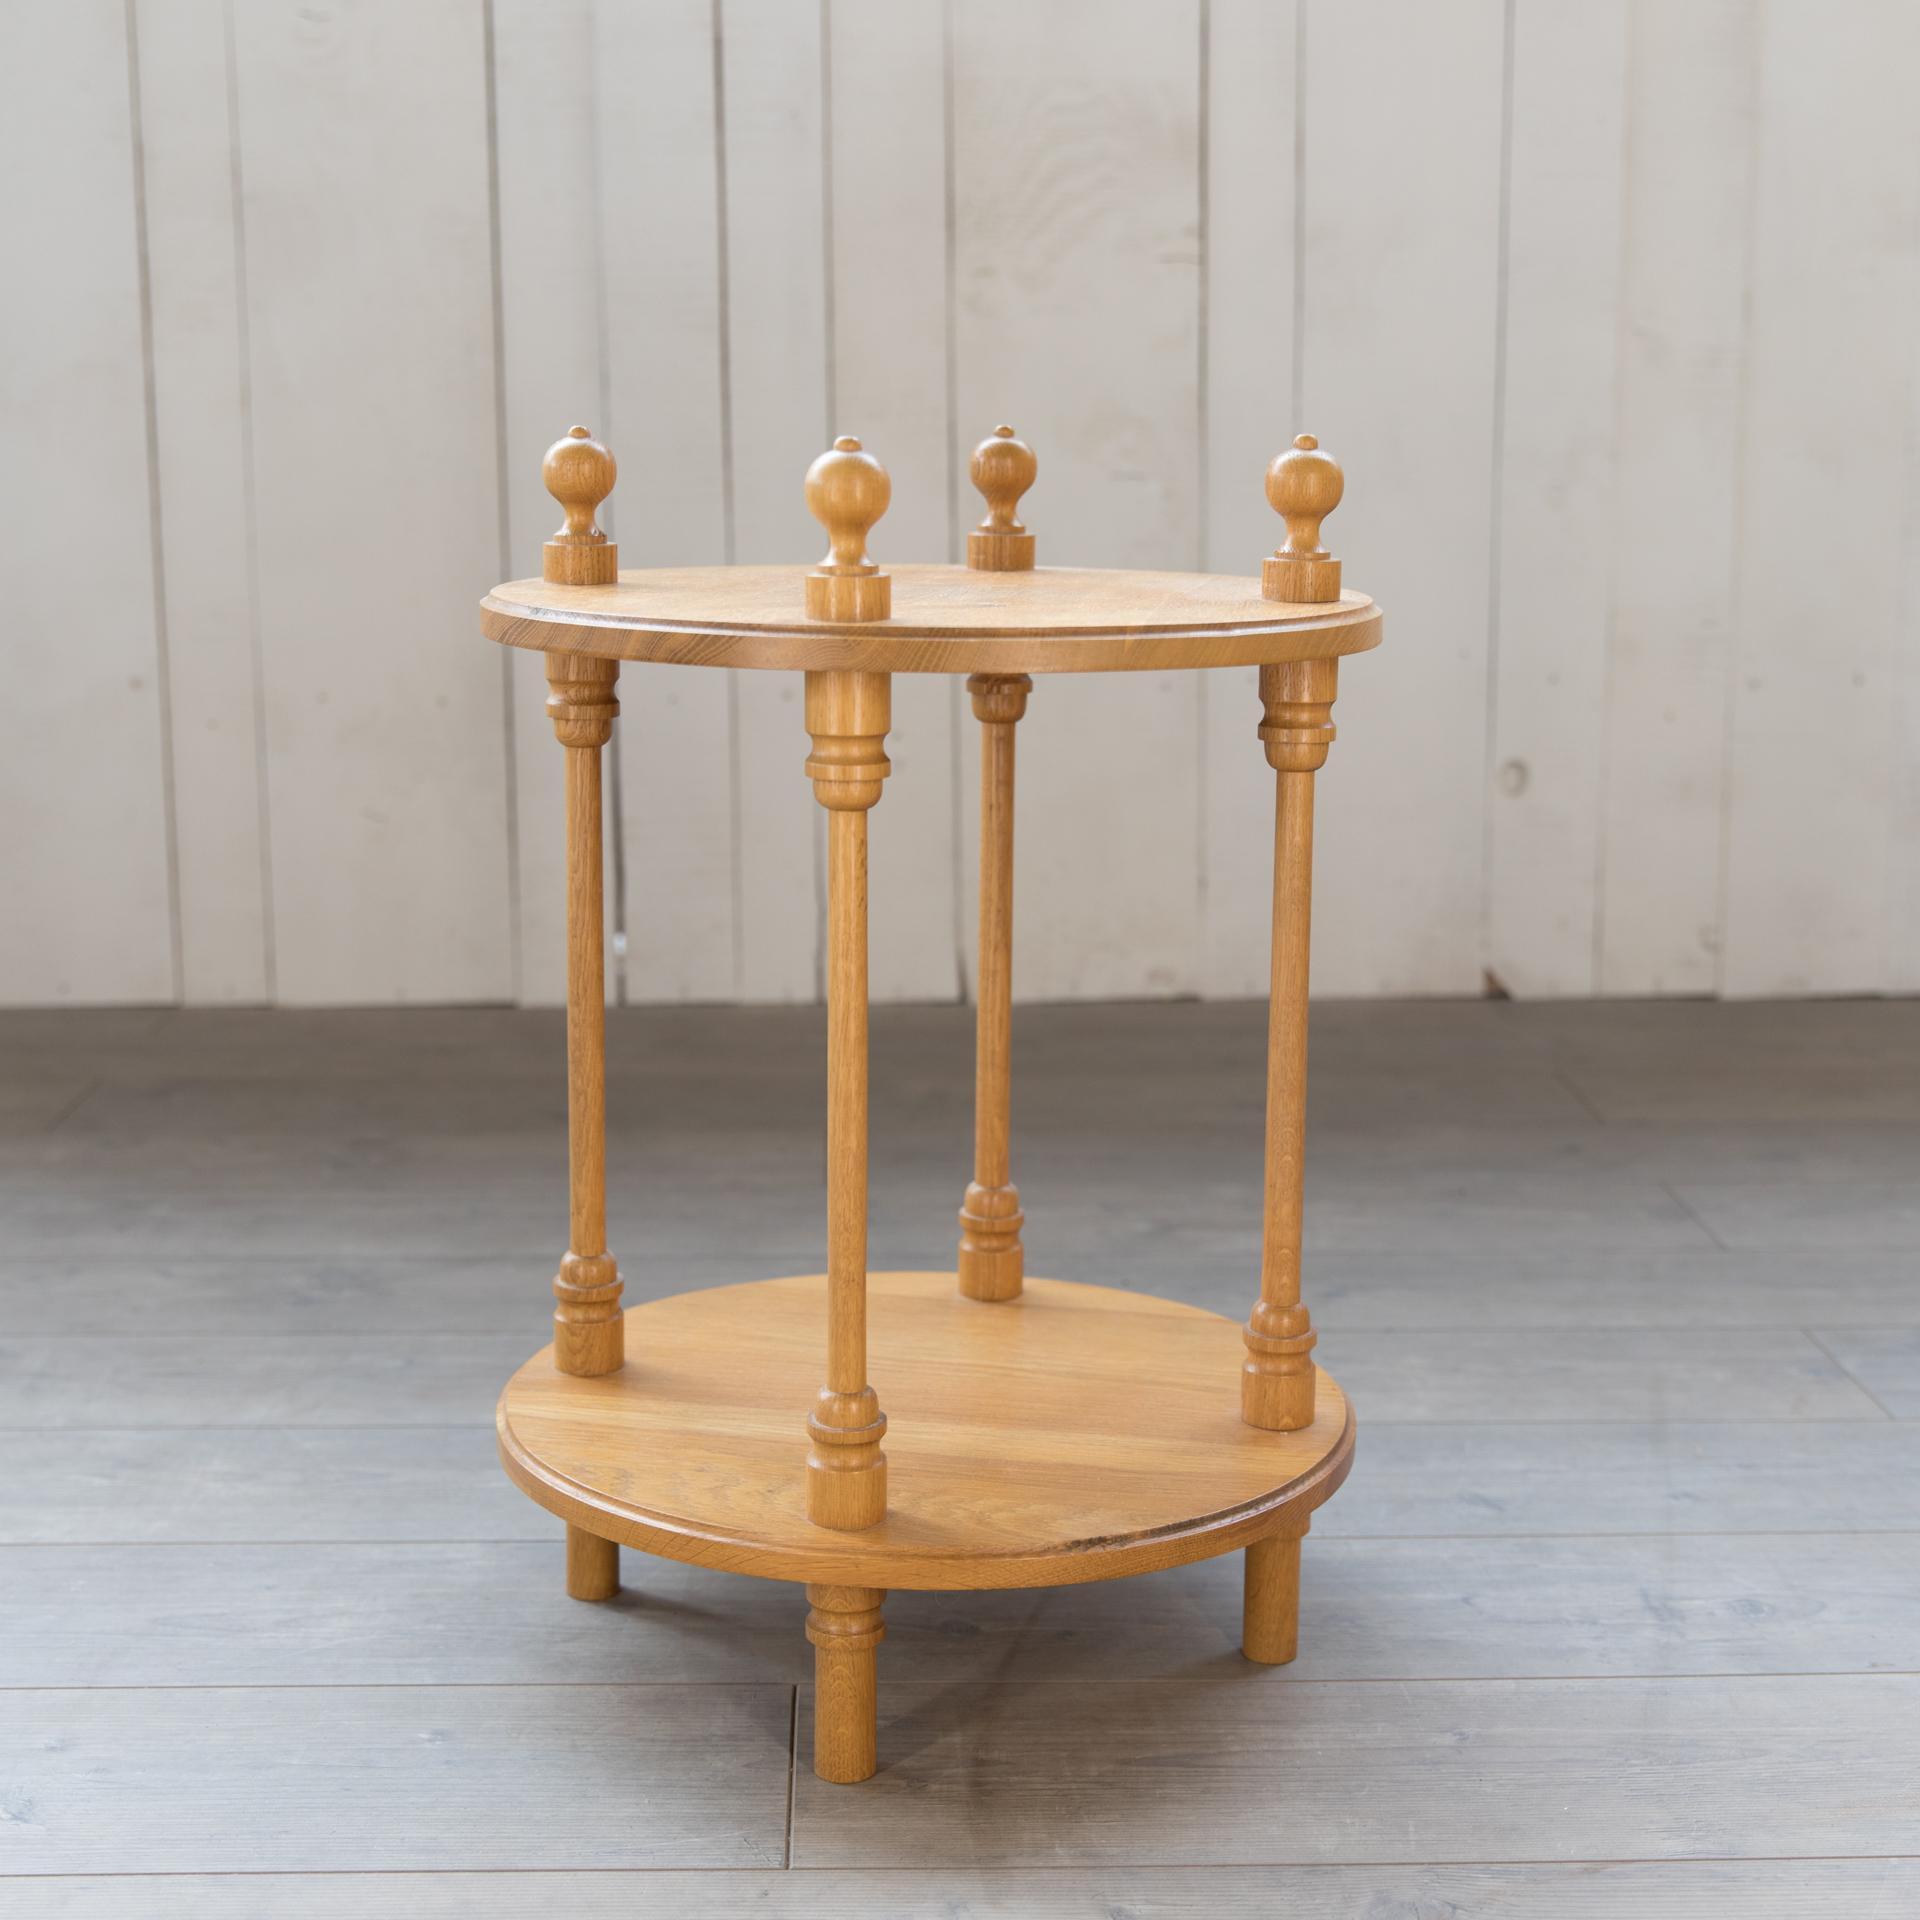 Beistelltisch rund aus Holz